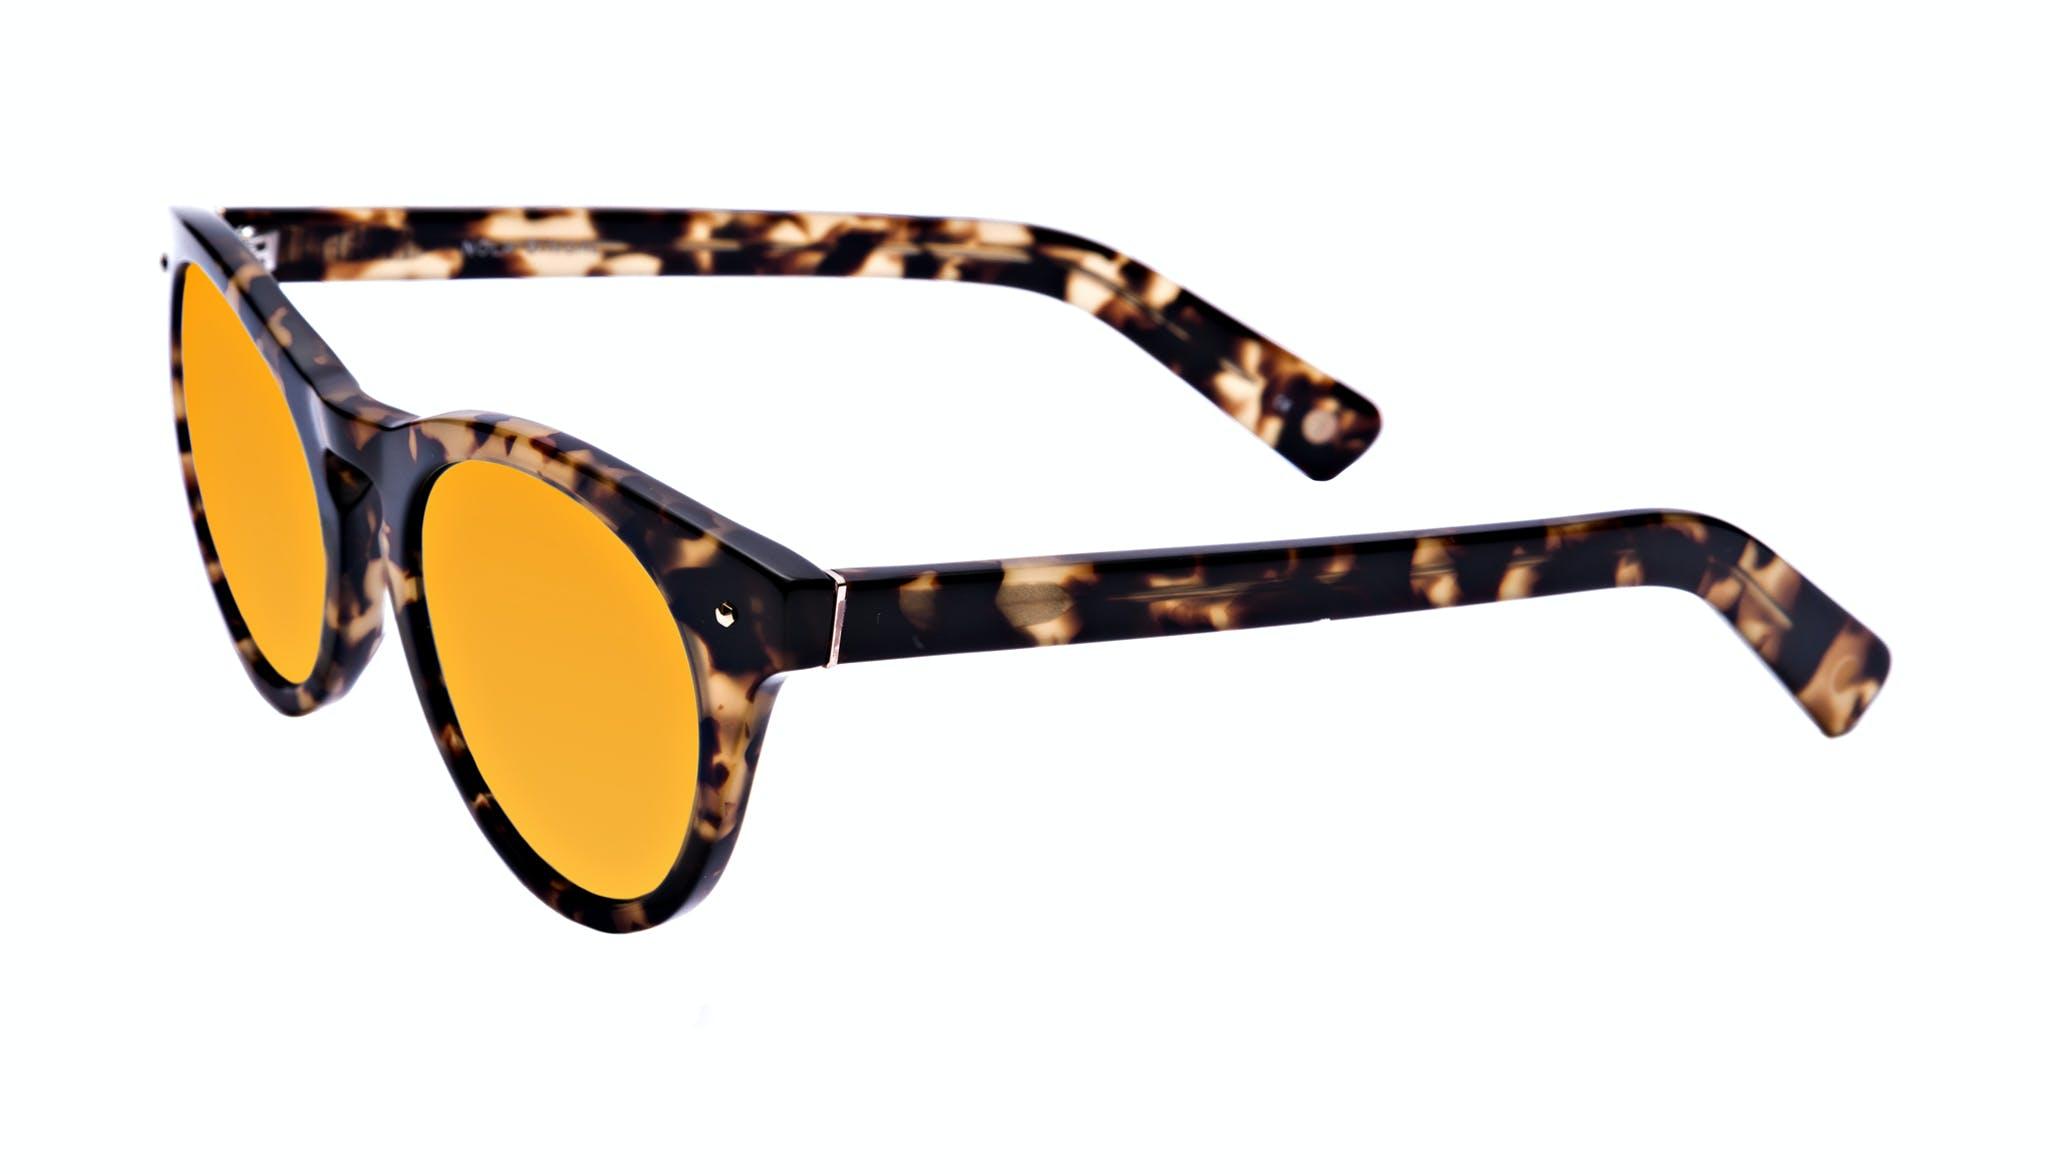 Lunettes tendance Oeil de chat Ronde Lunettes de soleil Femmes Nola Bingal Incliné